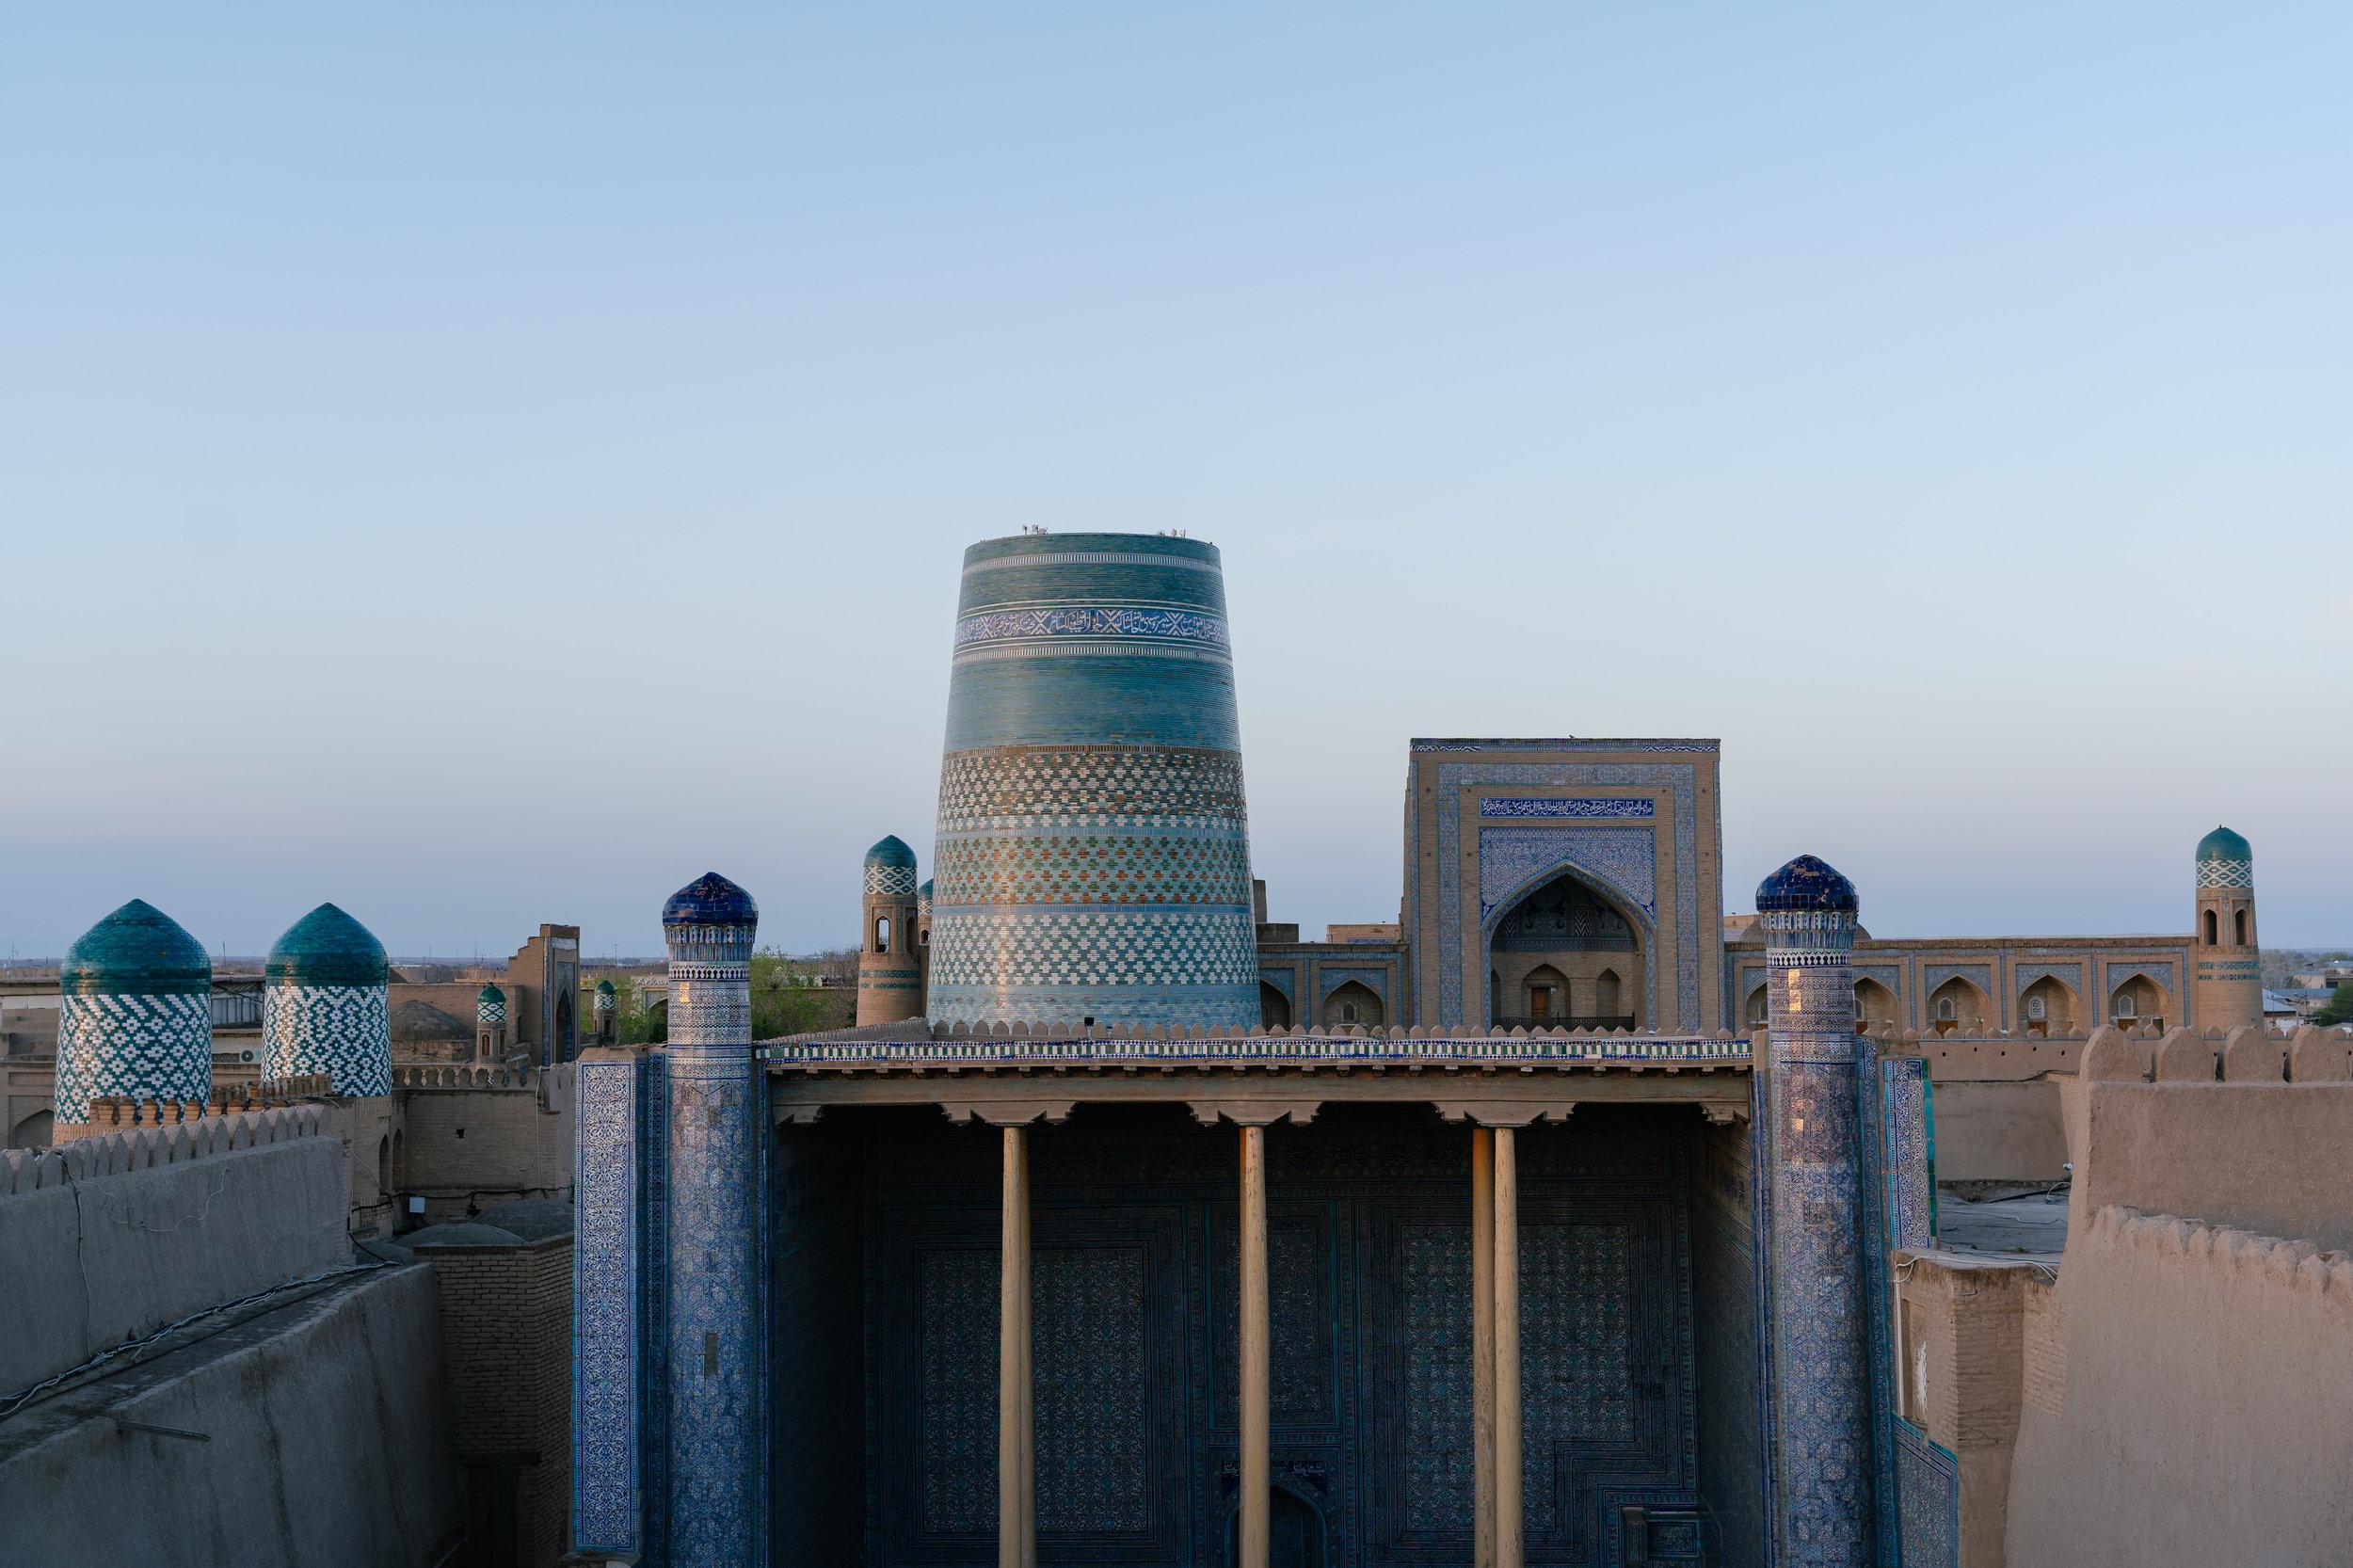 The palace and minaret at dawn.